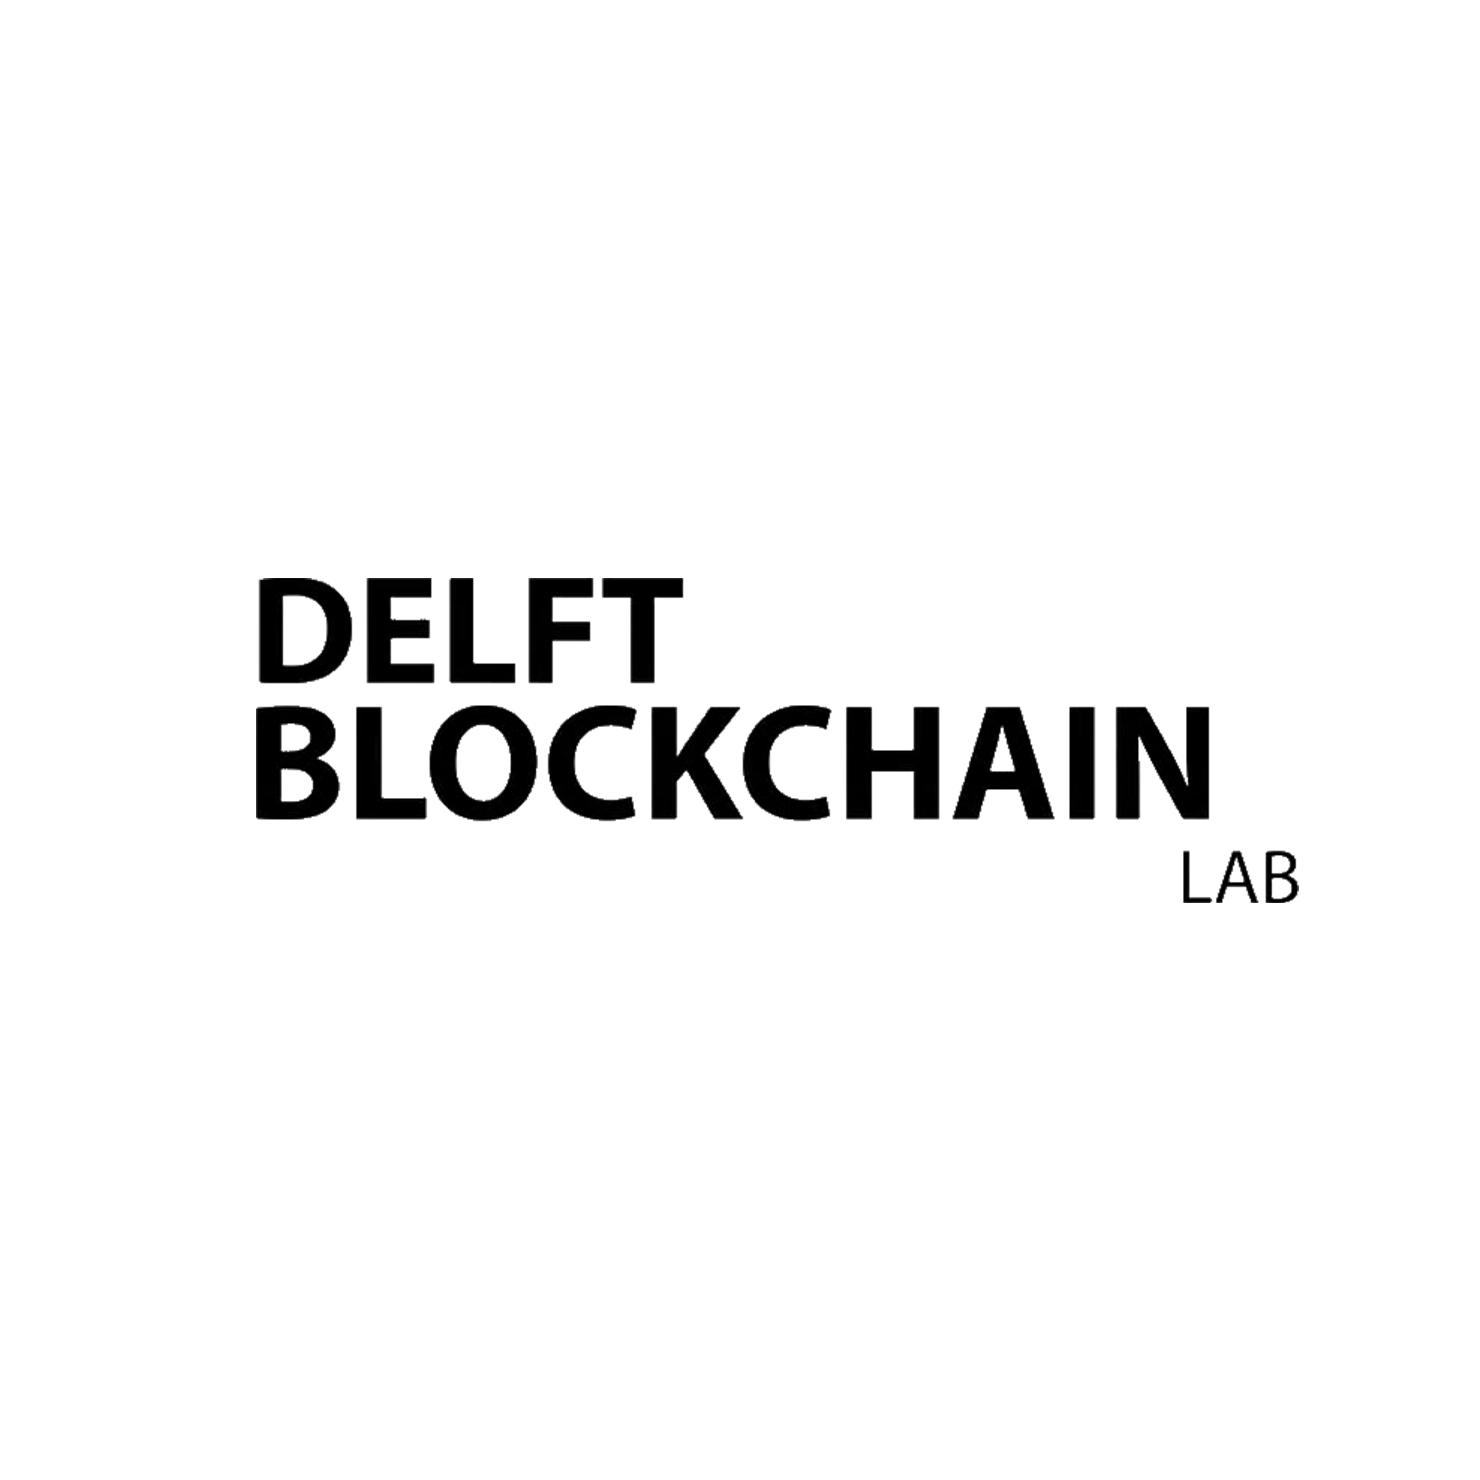 Delft Blockchain Lab